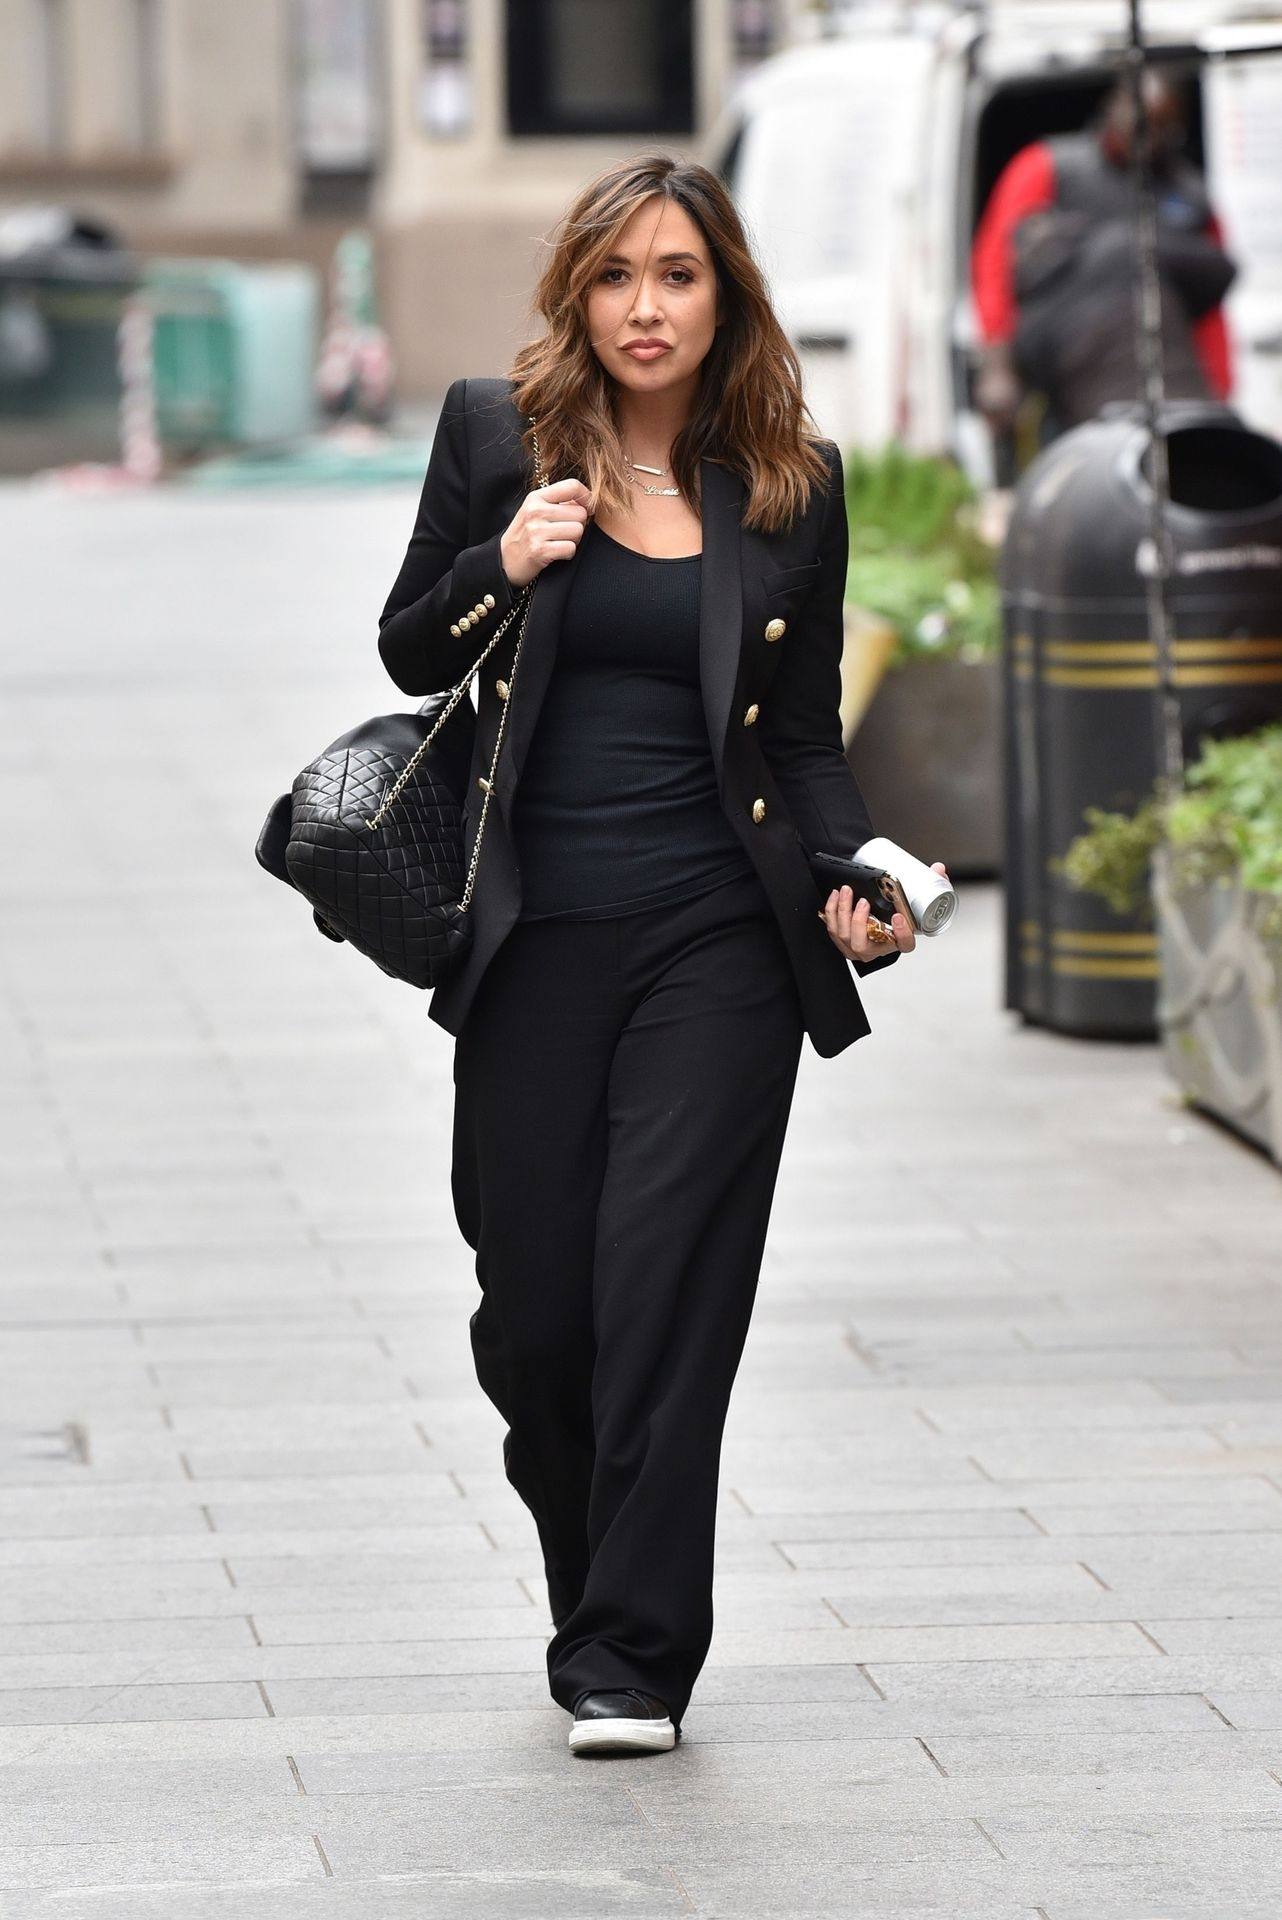 Myleene Klass Looks Hot In All Black In London 0006